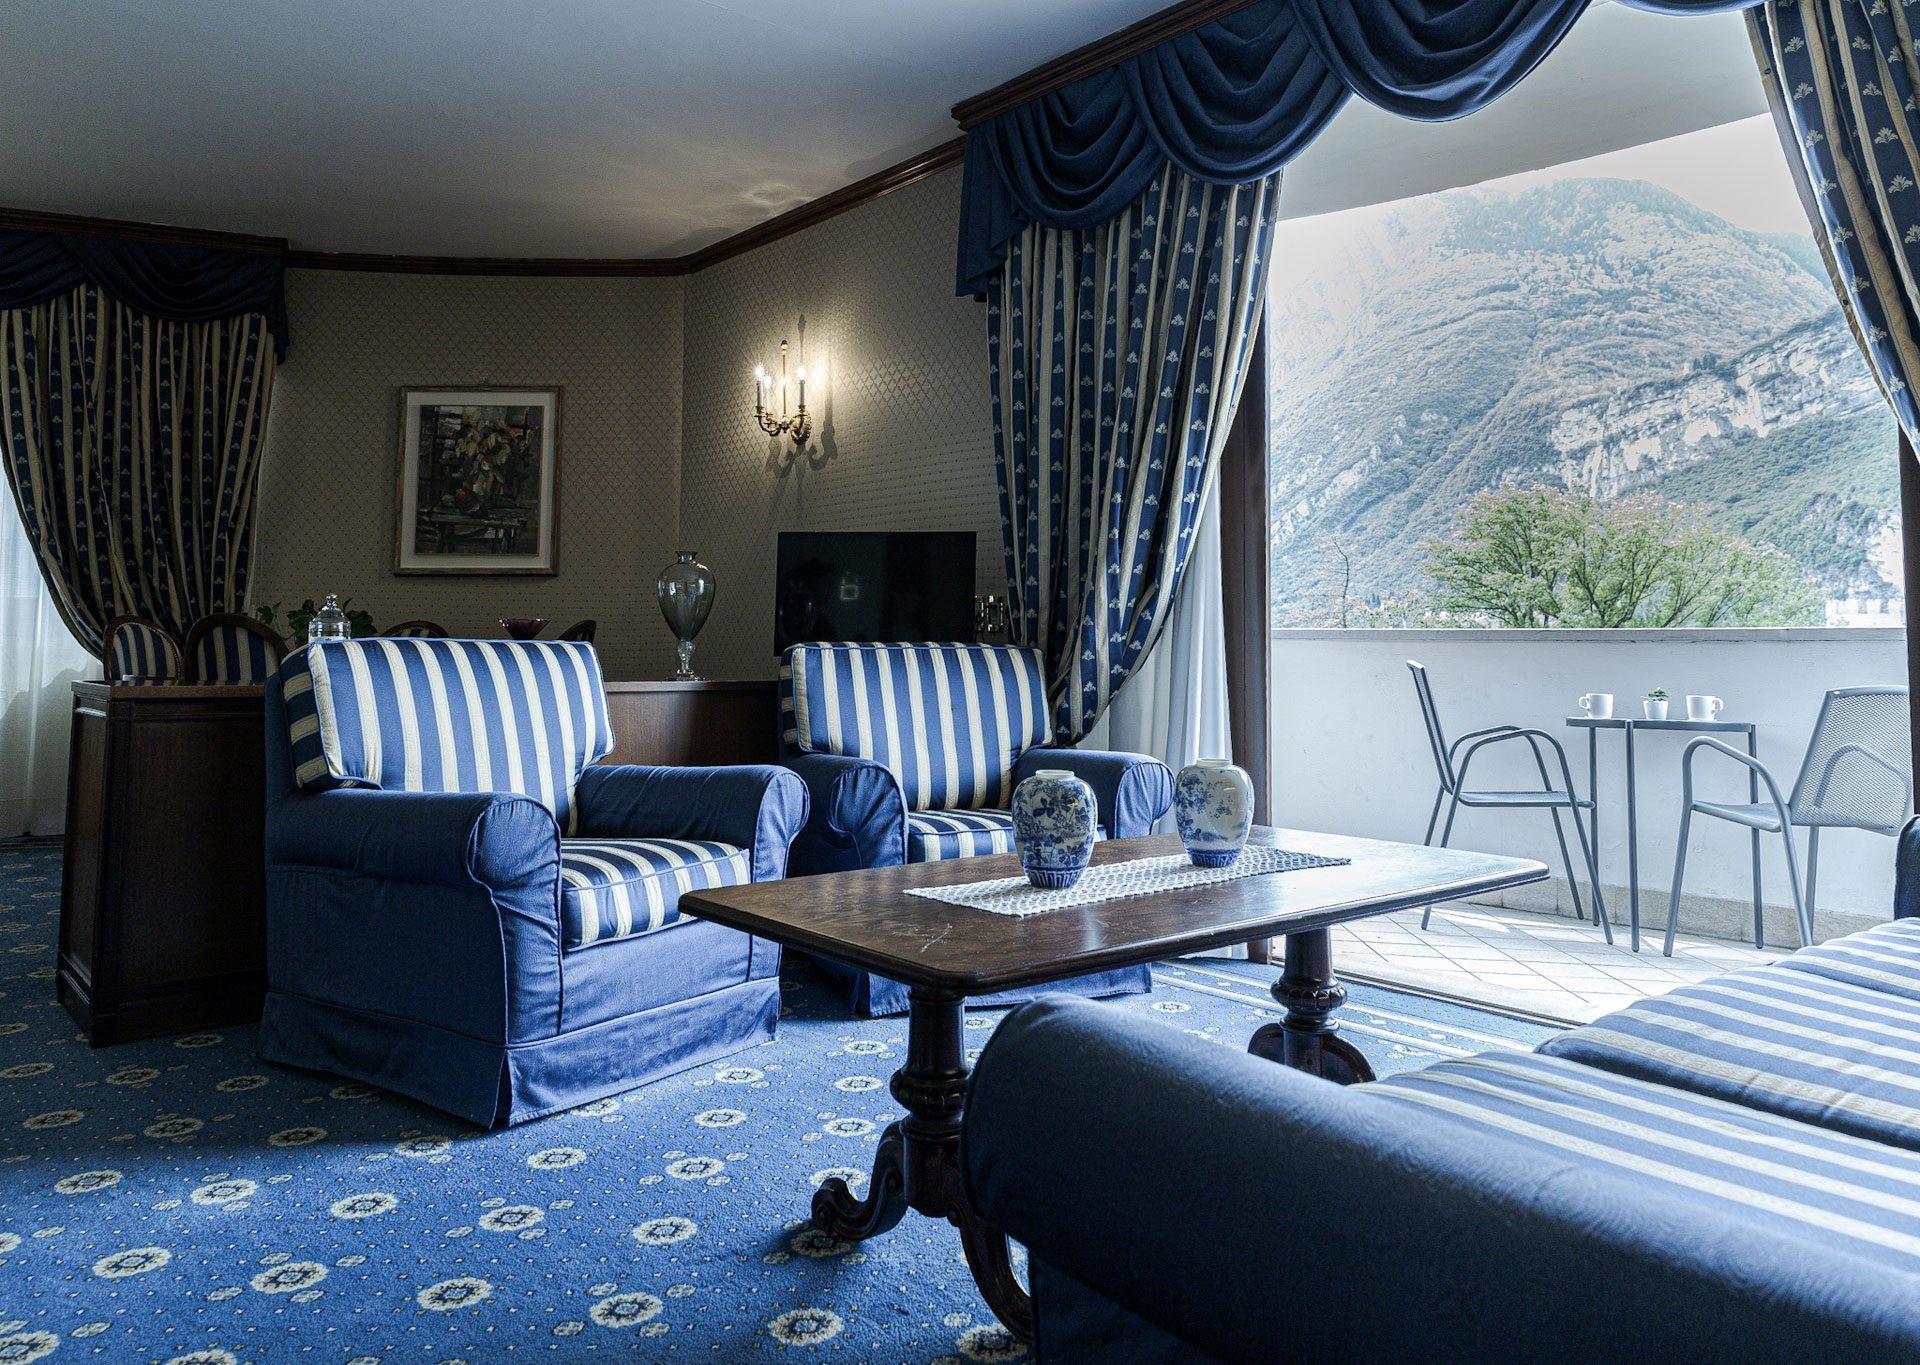 Salotto Presidential Suite Grand Hotel Trento